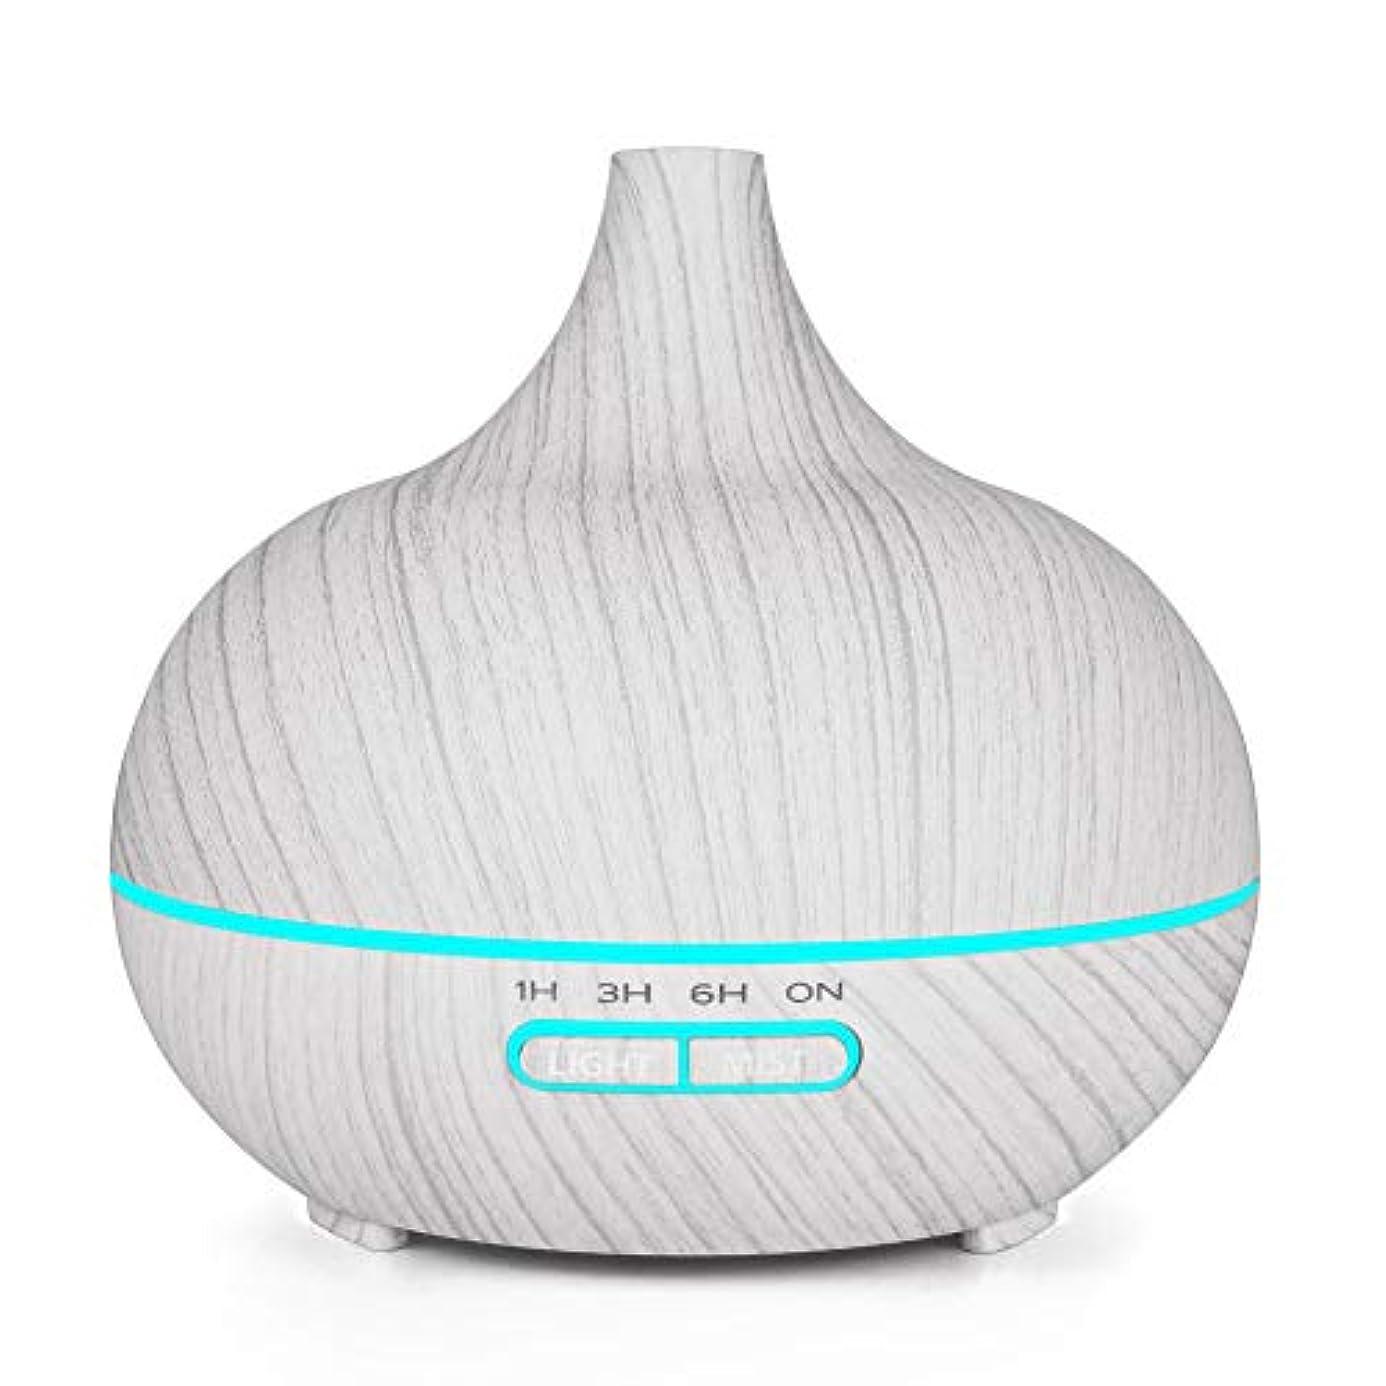 発生構造的建築家木目 涼しい霧 加湿器,7 色 空気を浄化 加湿機 時間 手動 香り 精油 ディフューザー アロマネブライザー Yoga ベッド- 400ml